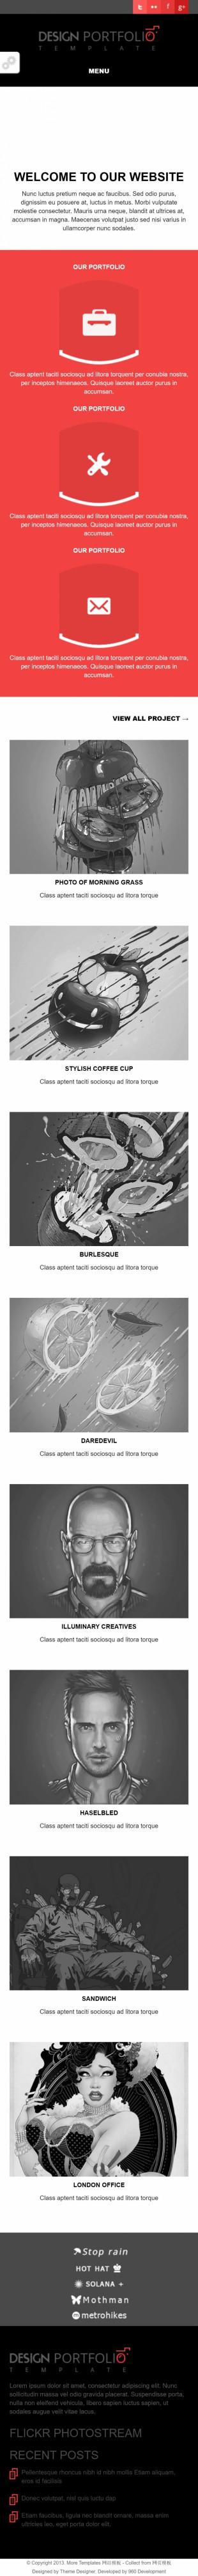 黑色大图扁平化响应式摄影公司整站英文网站制作模板手机图片